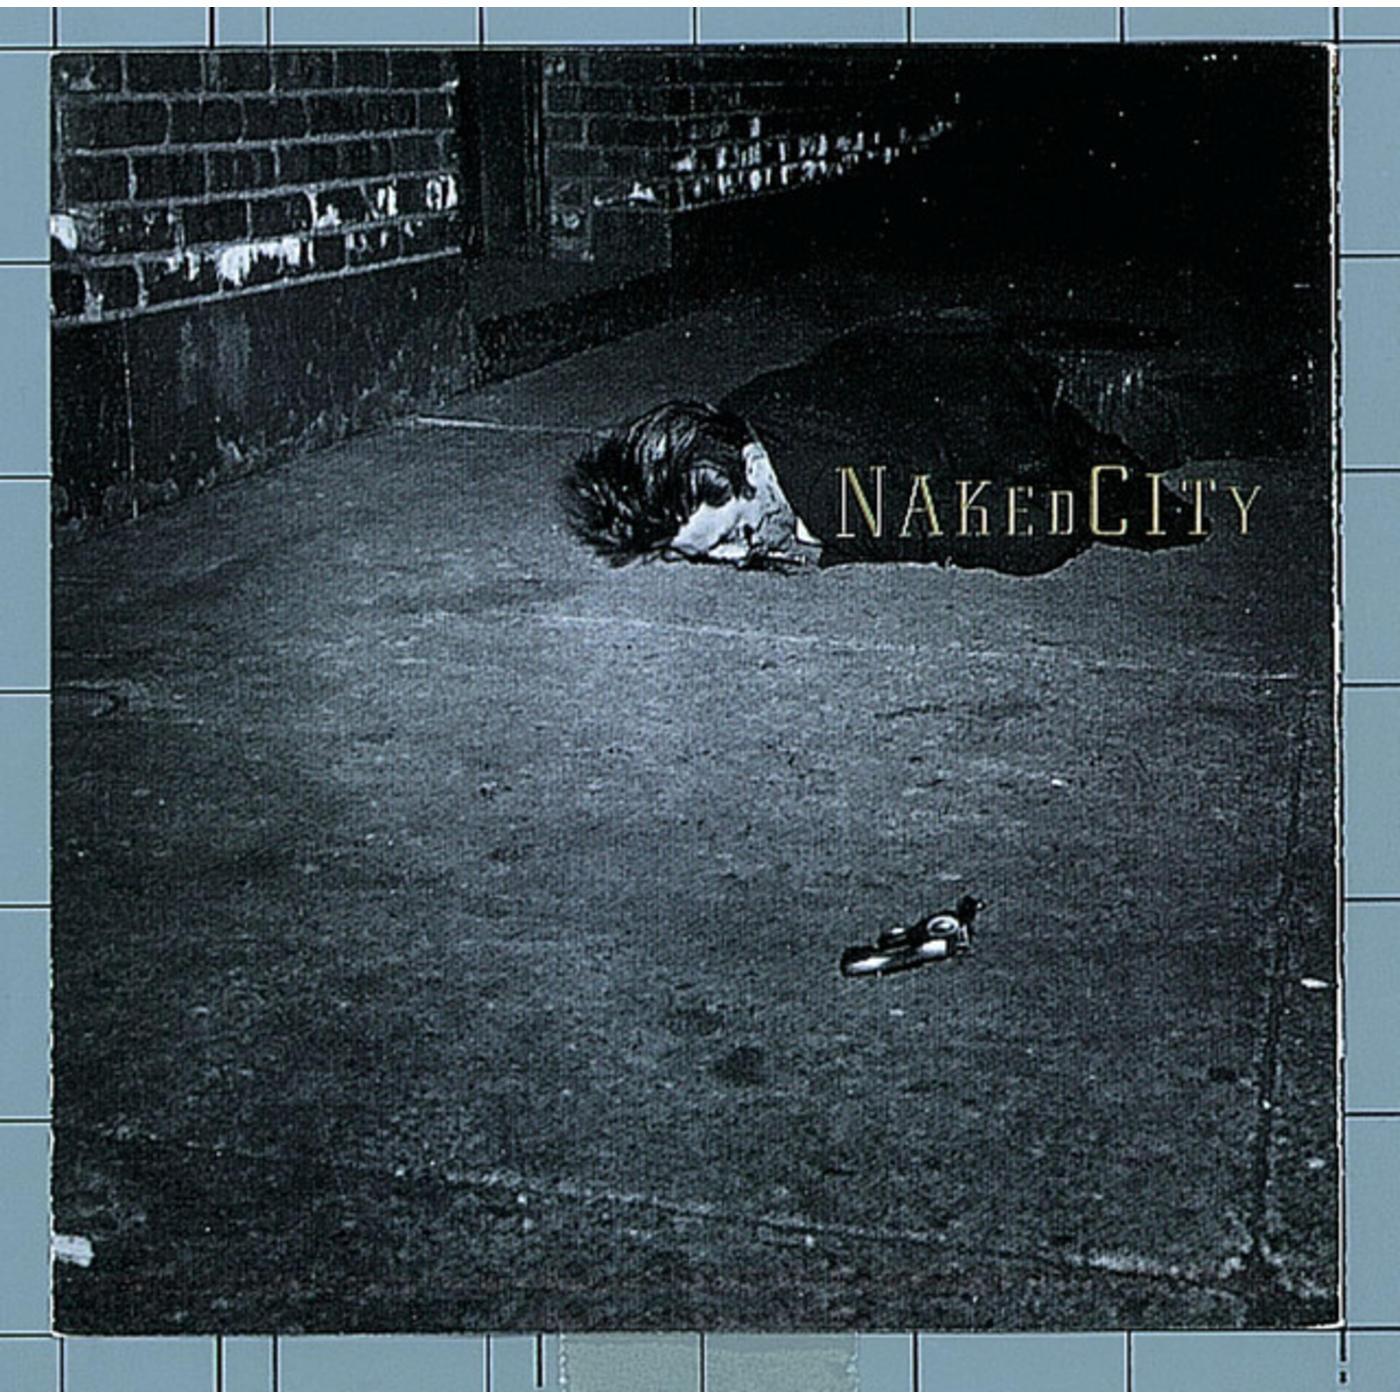 John Zorn - Naked City (1990, Cassette) | Discogs